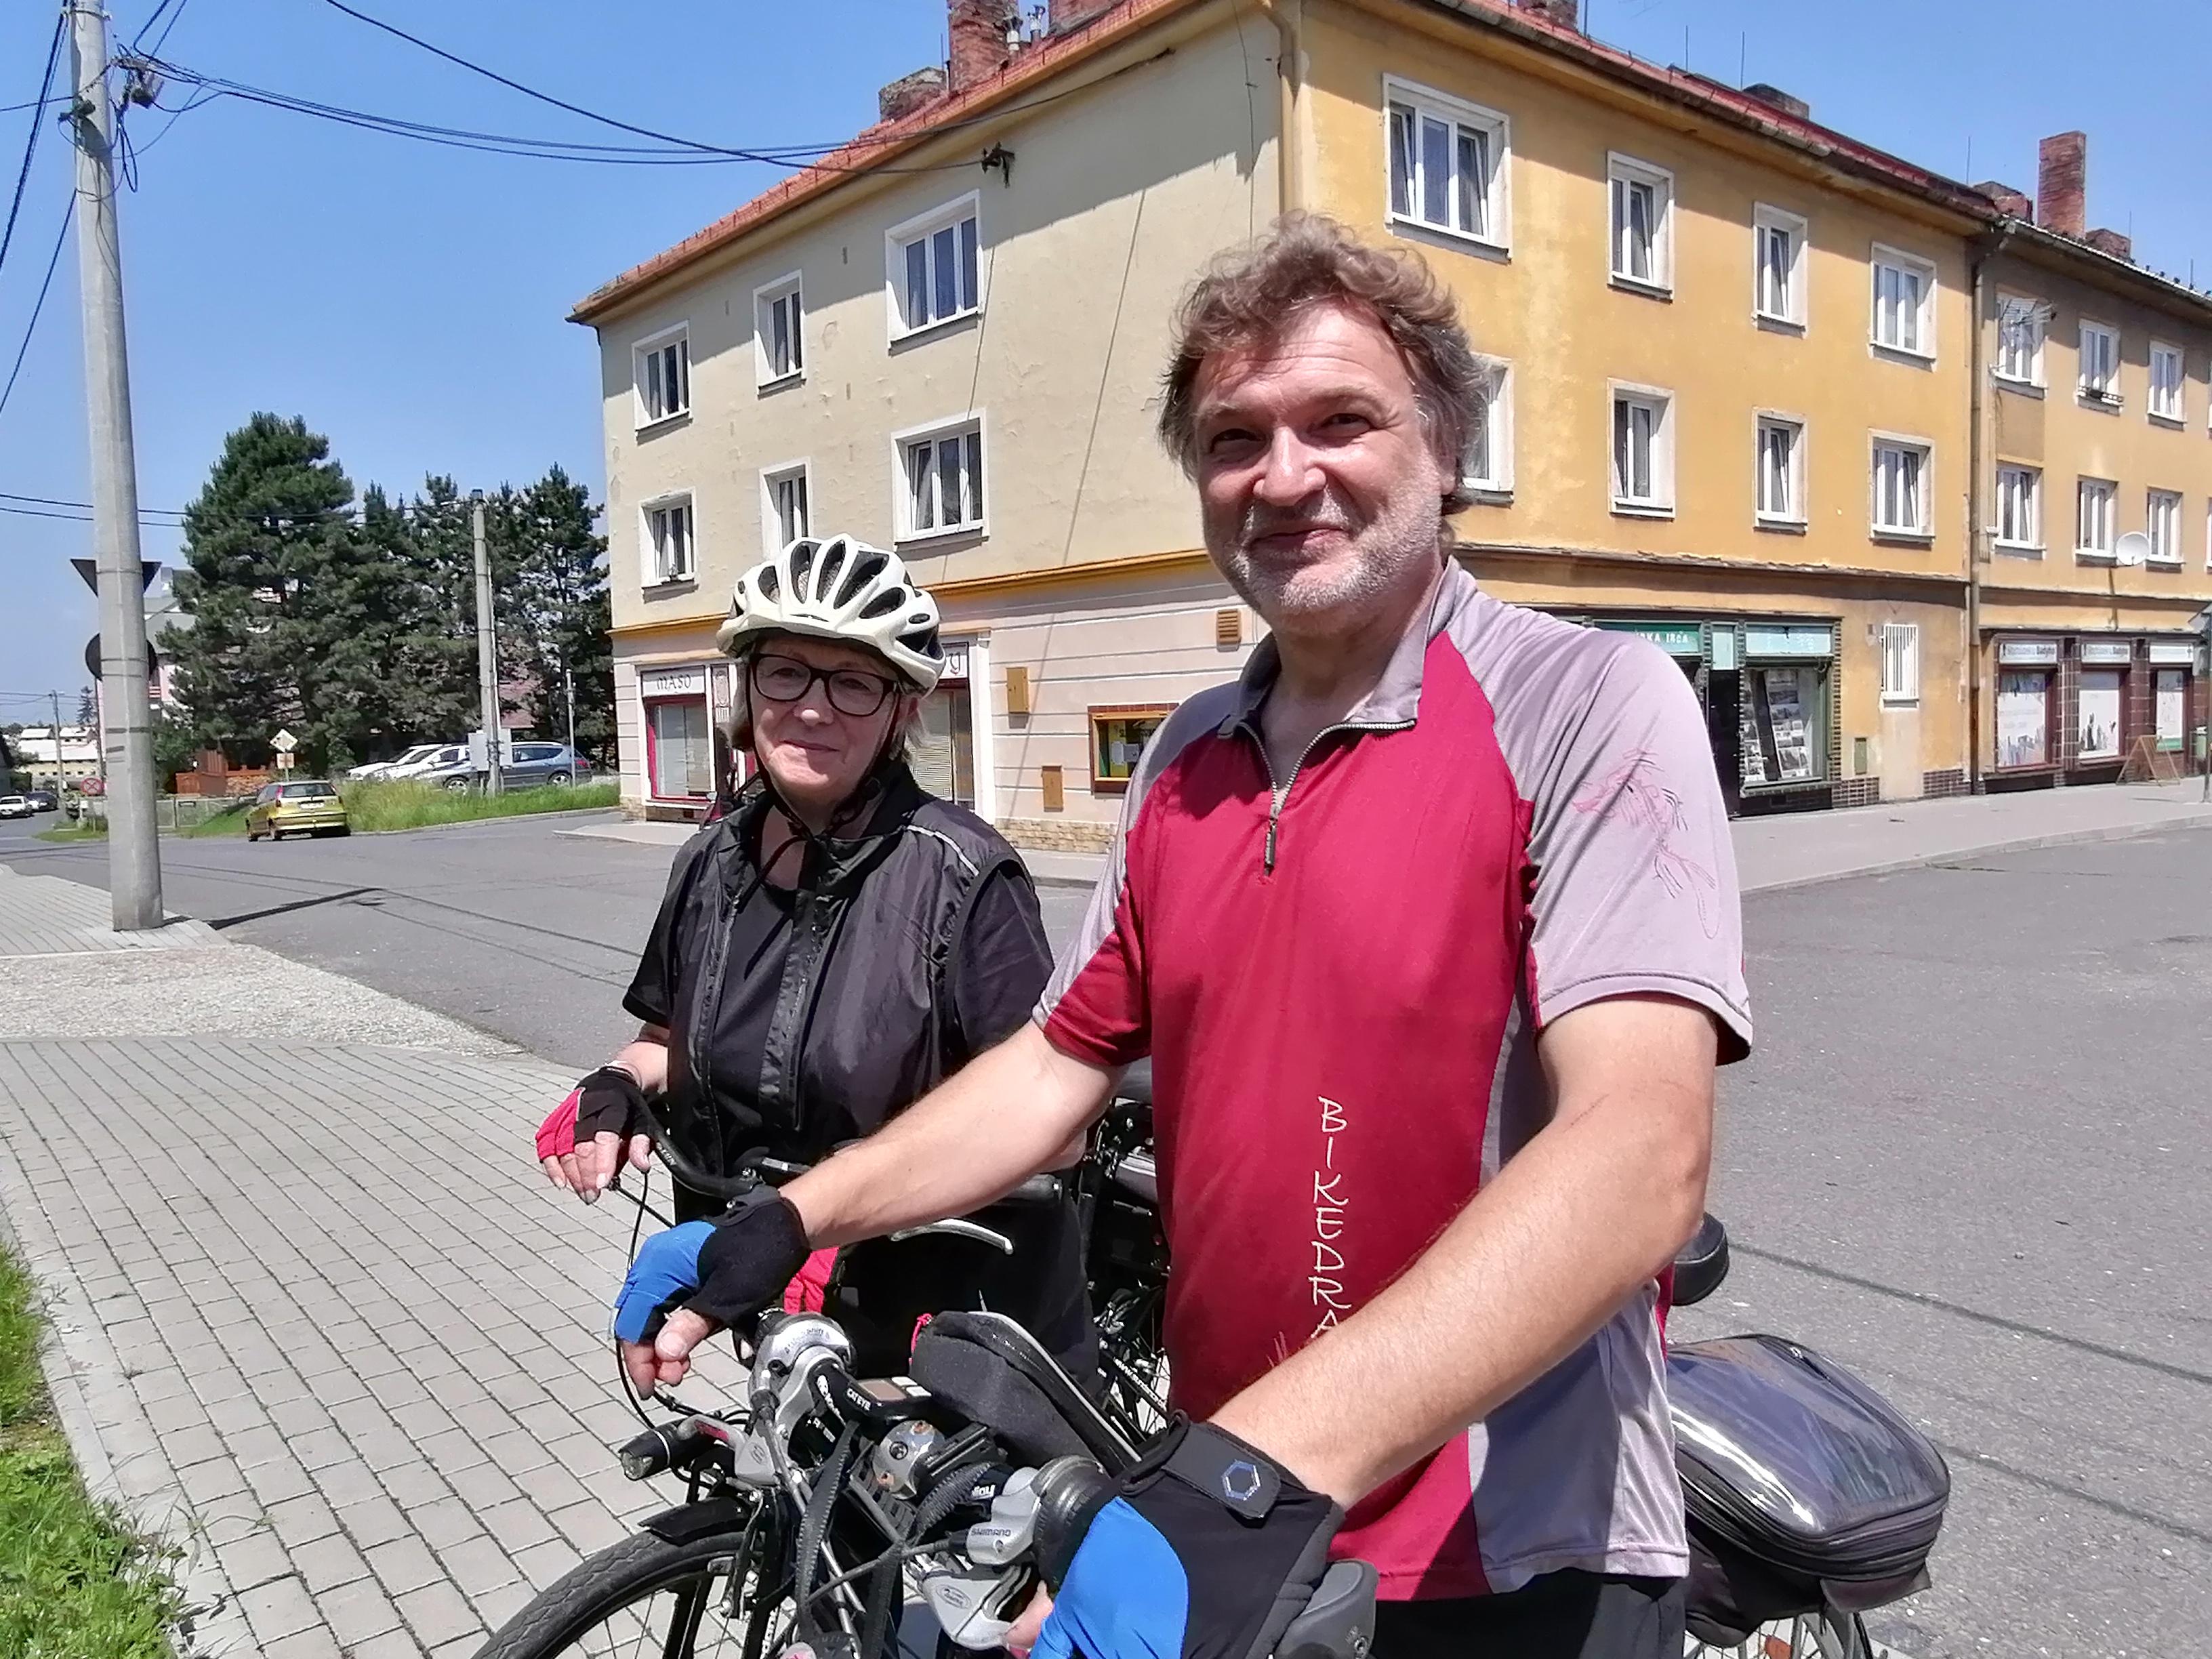 U mapy na osoblažském náměstí se přece zastavili dva cykloturisté. Upřímně, když to tady vidíme, tak bychom v Osoblaze žít nechtěli, říkají.